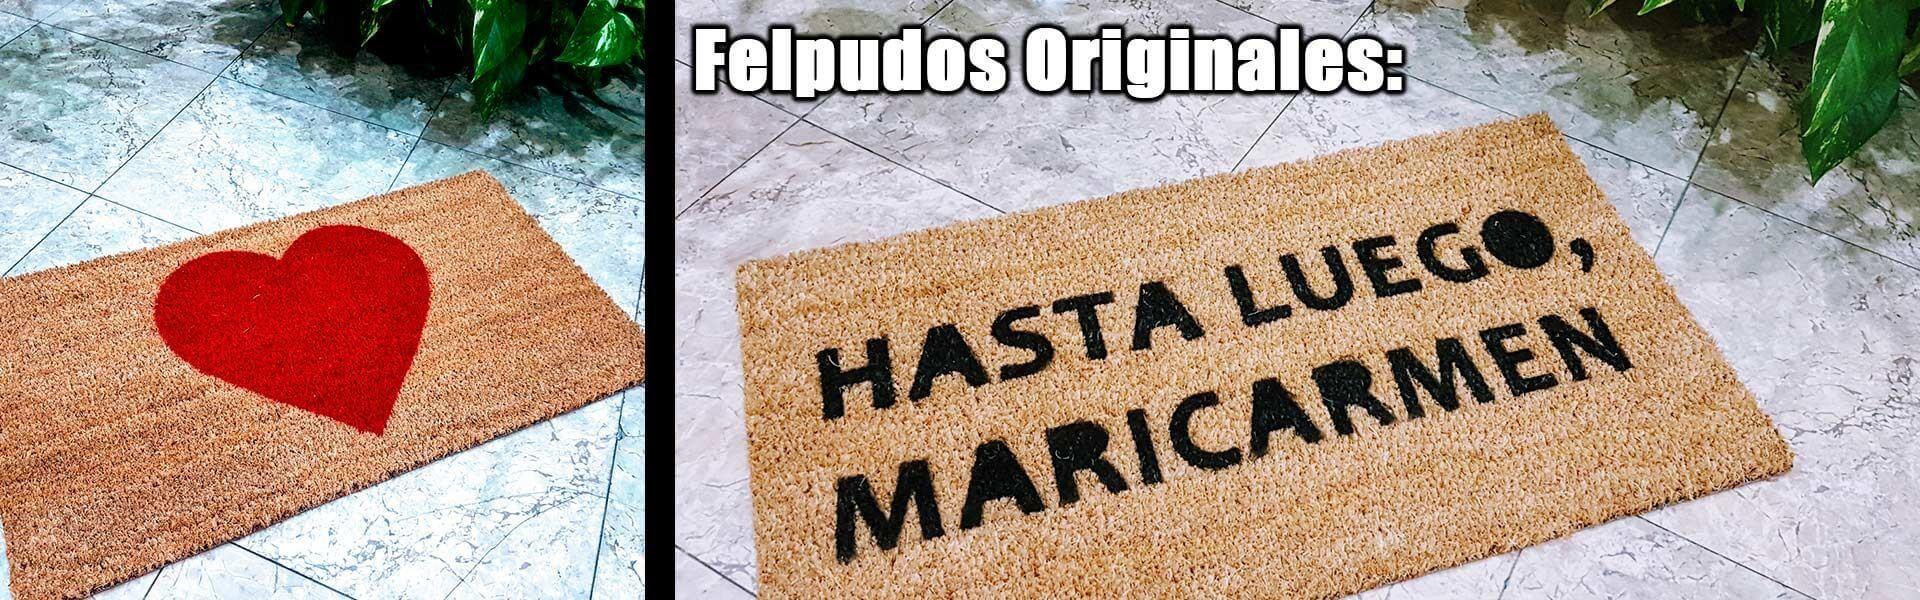 Felpudos Originales en Mundoalfombra